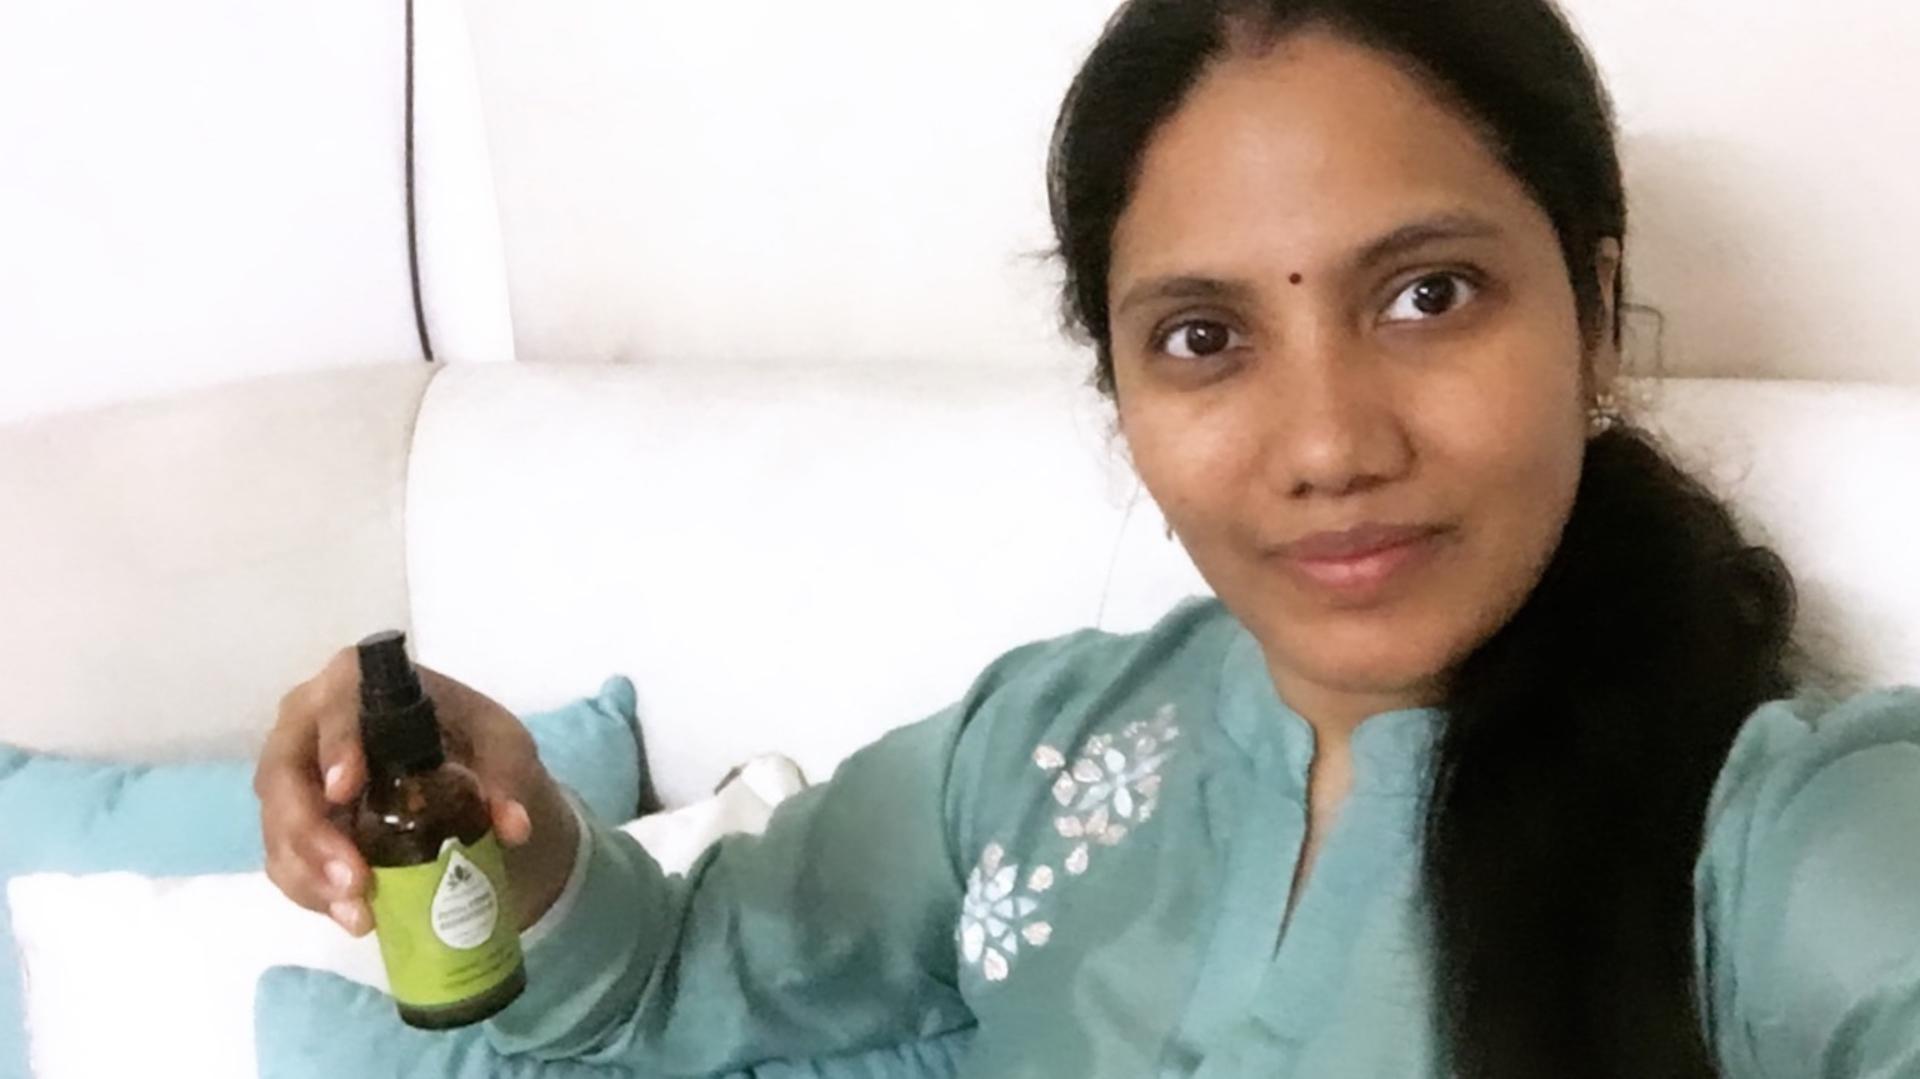 IshtyleAwhile - A Chennai based Indian Fashion Blog - A84A53DC-4737-43F7-AEA6-742EB8174D6B